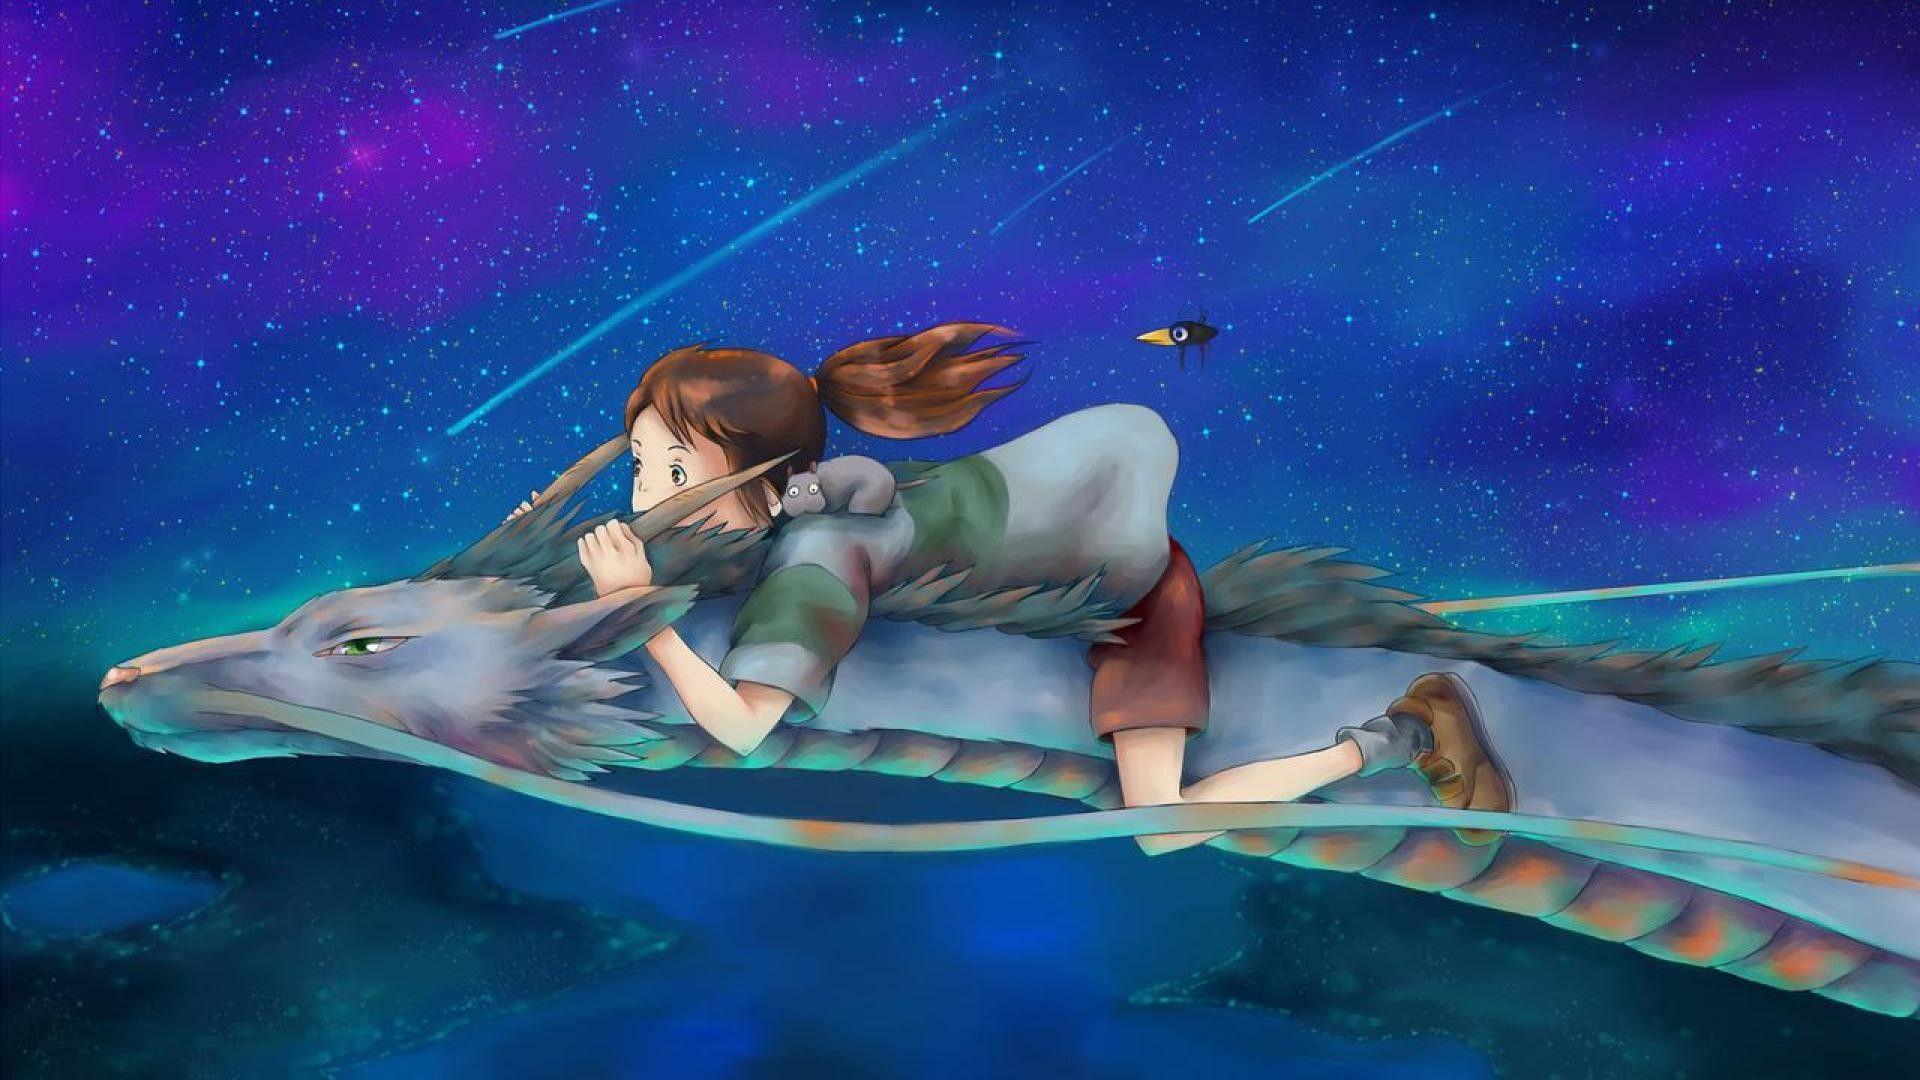 Spirited Away Dragon And Chihiro